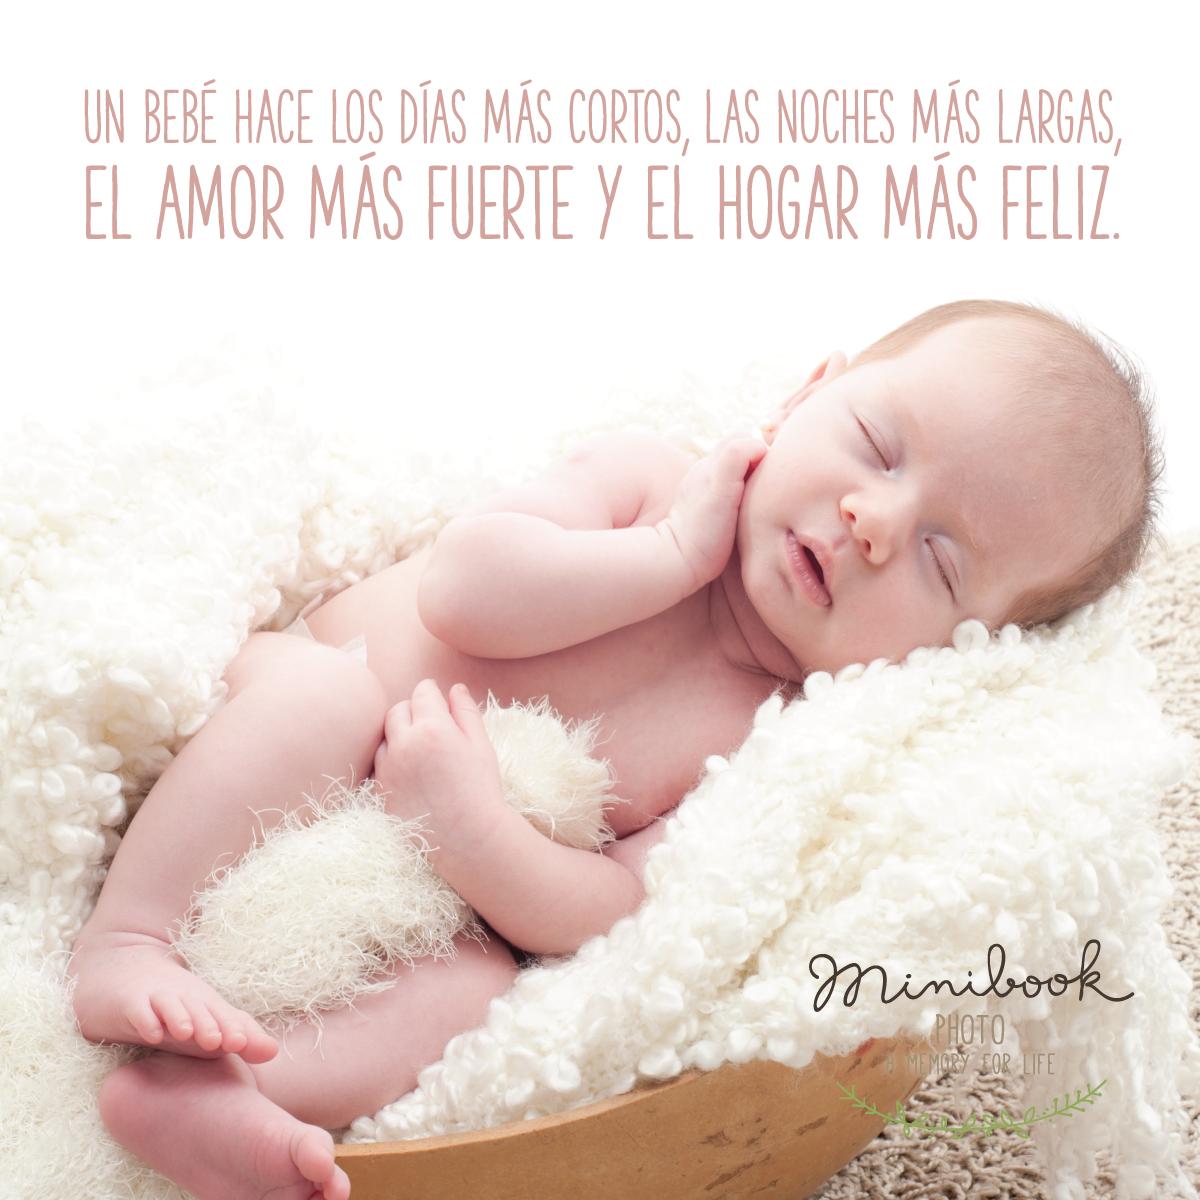 Un Bebé Hace Los Días Mas Cortos Las Noches Más Largas El Amor Más Fuerte Y El Hogar Más Fel Frases Para Bebes Bienvenido Bebe Frases Pensamientos Para Bebes